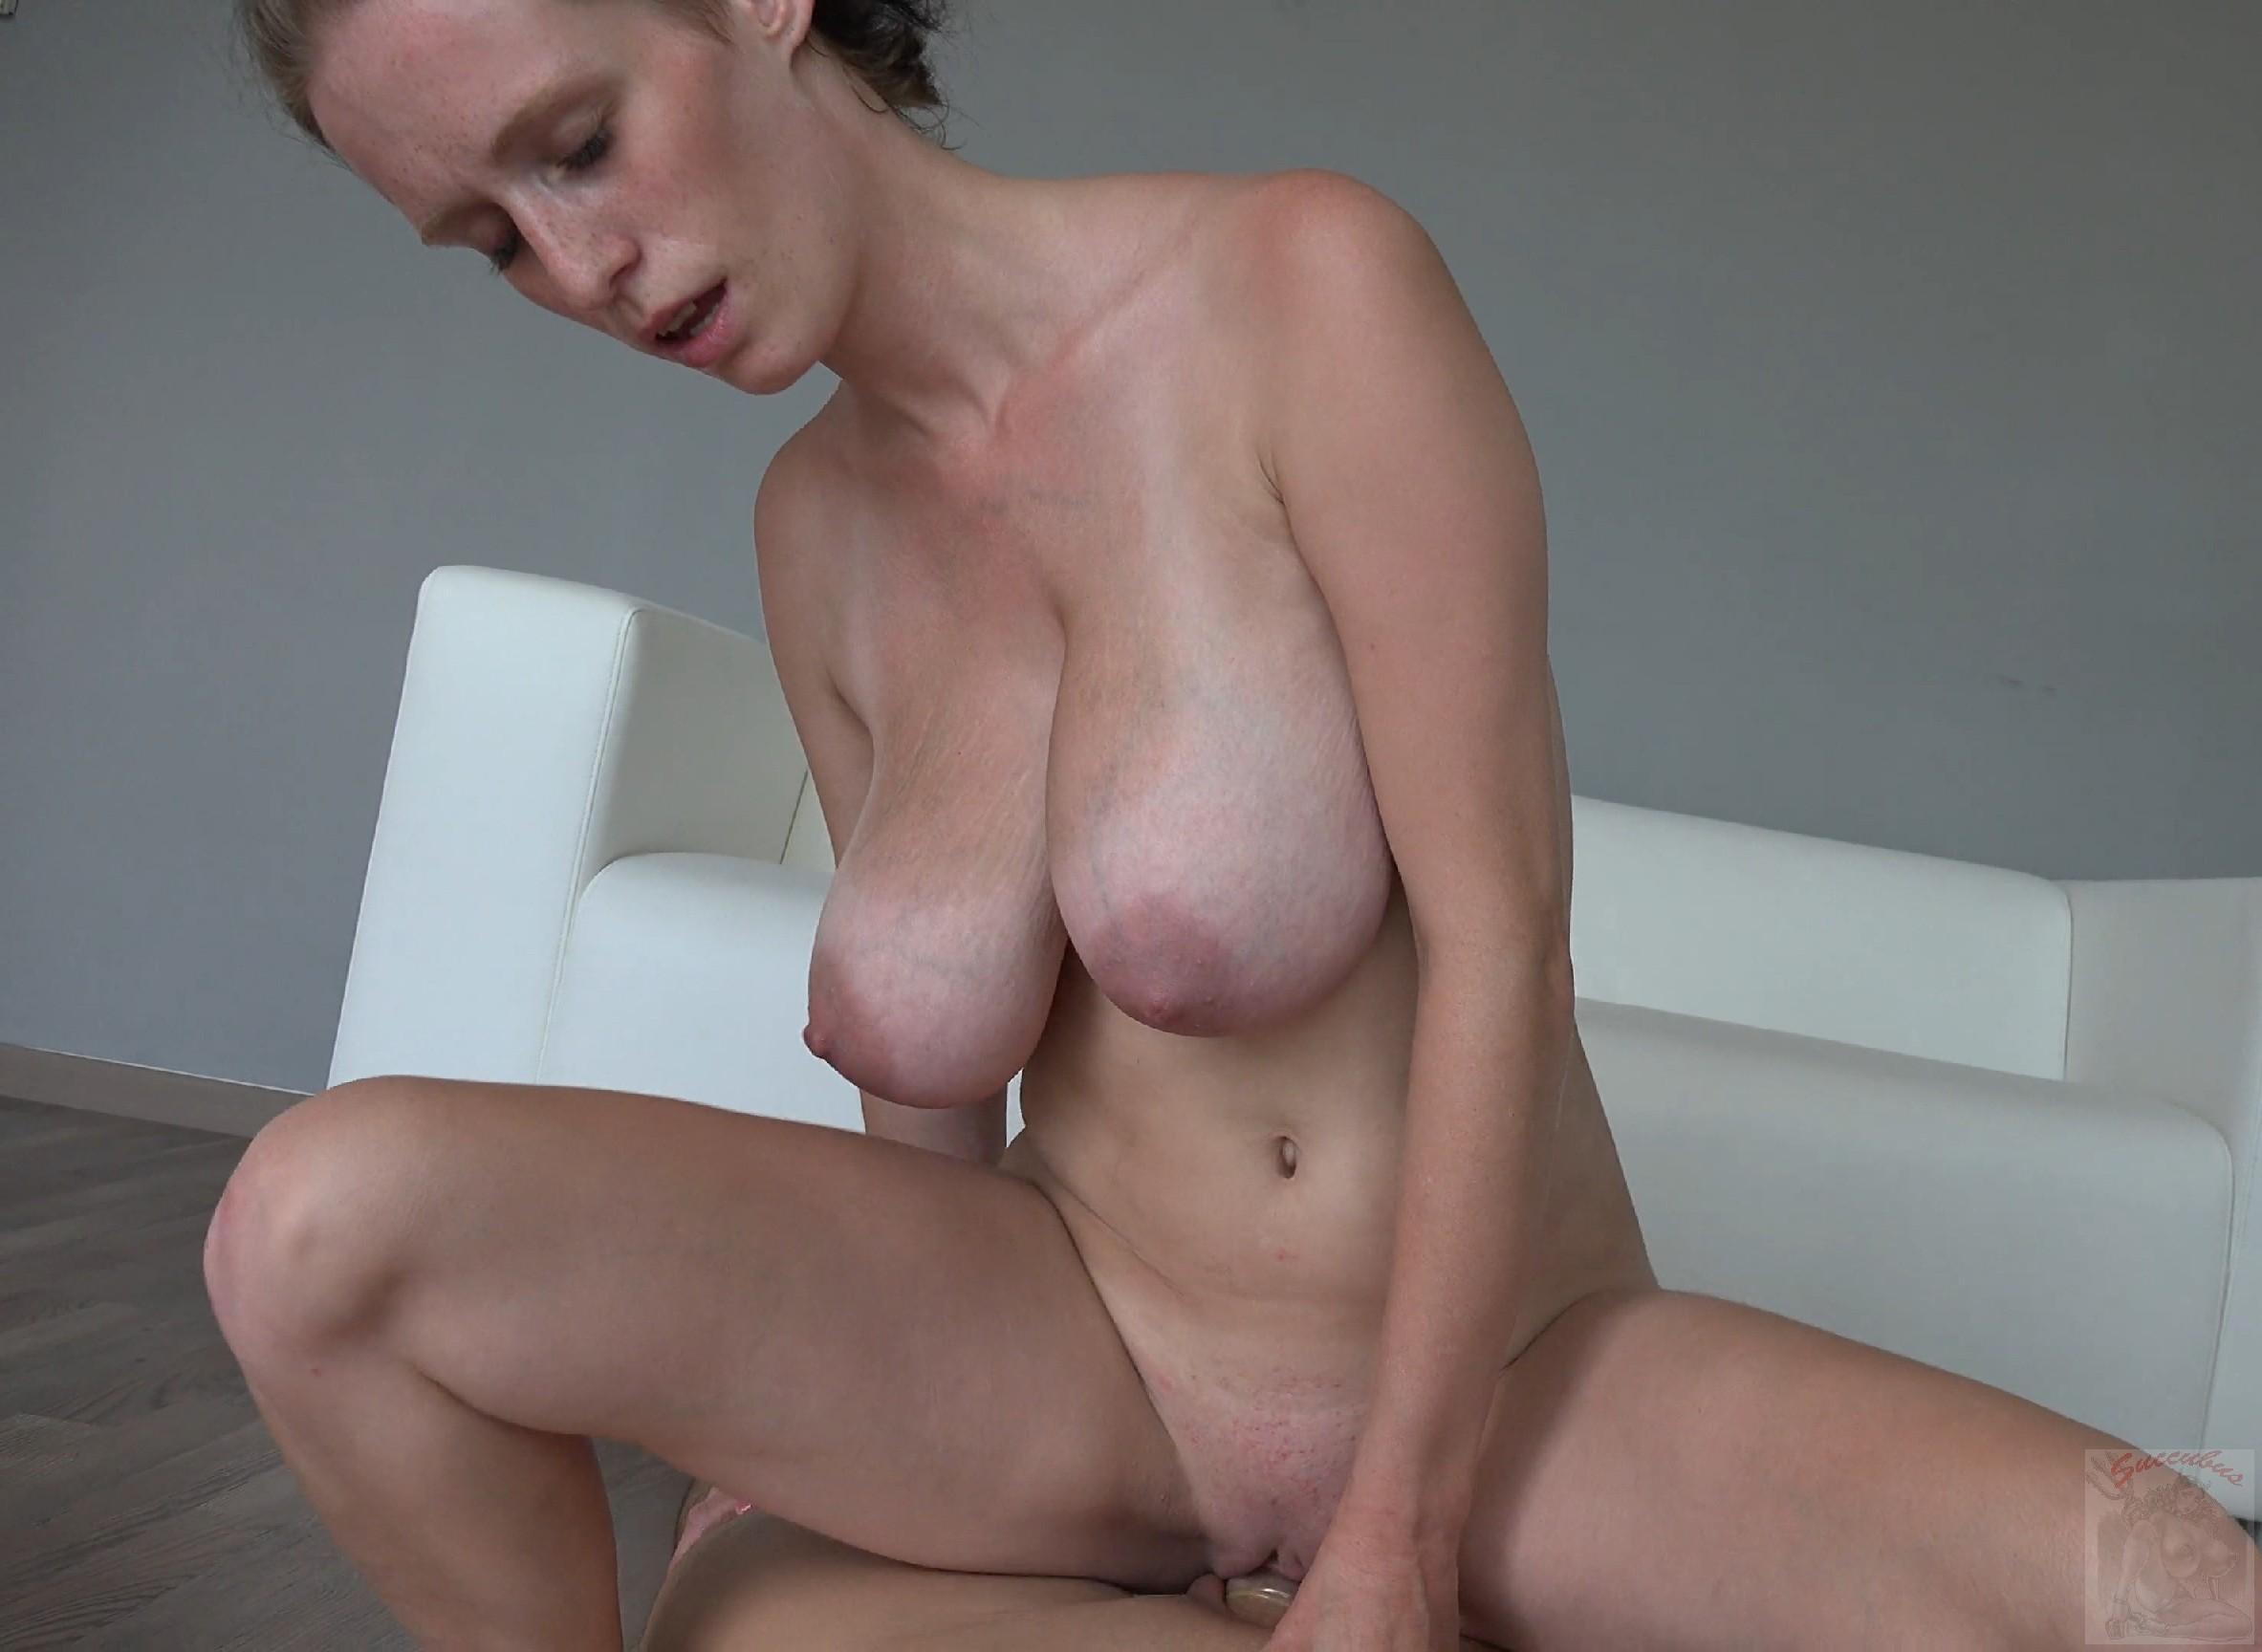 Красавица, с немножко обвисшей грудью, занимается сексом